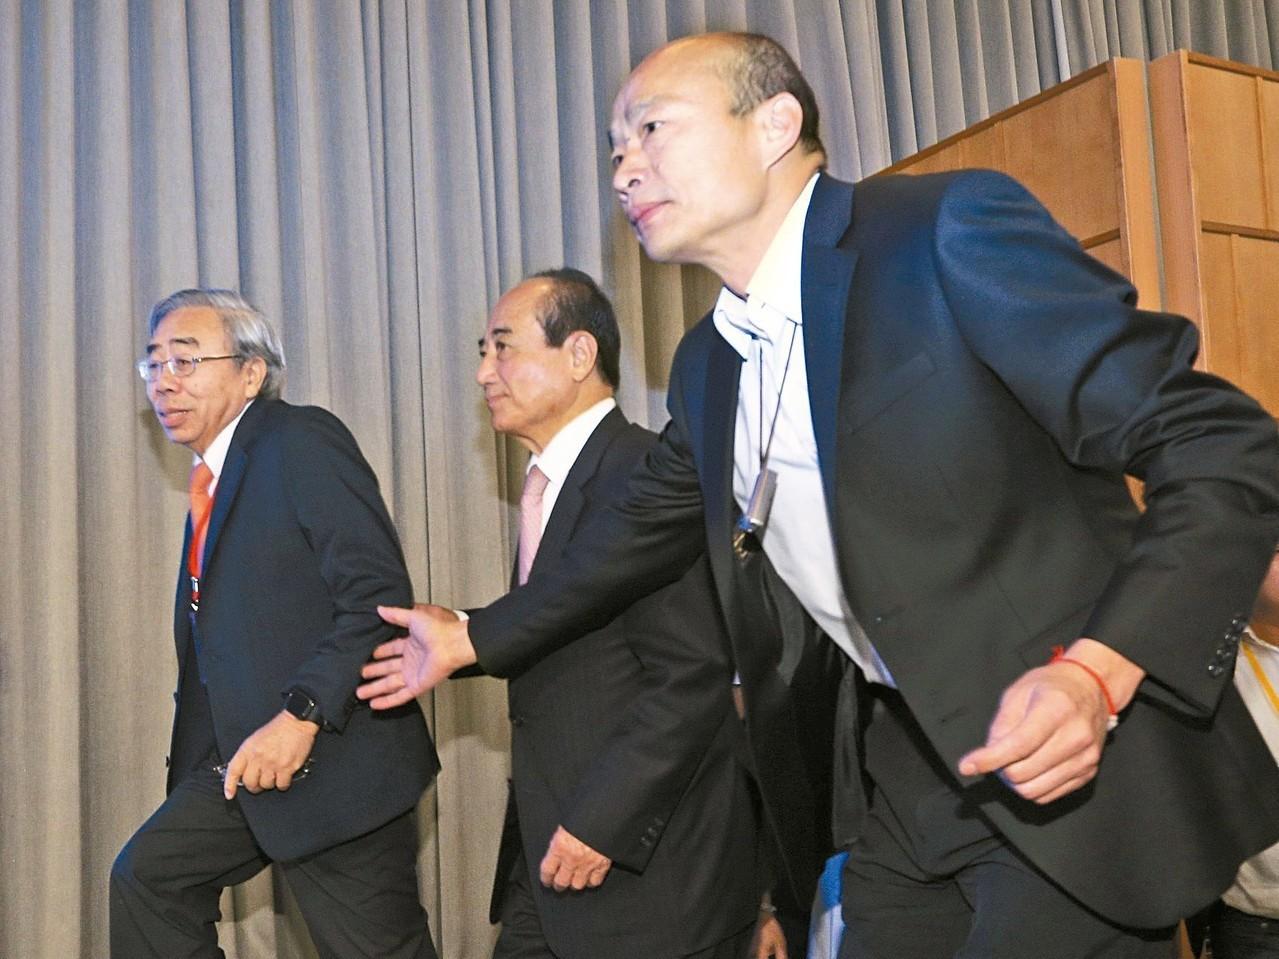 全國工總理事長王文淵(左起)、立法院前院長王金平、高雄市長韓國瑜出席台灣產業投資...